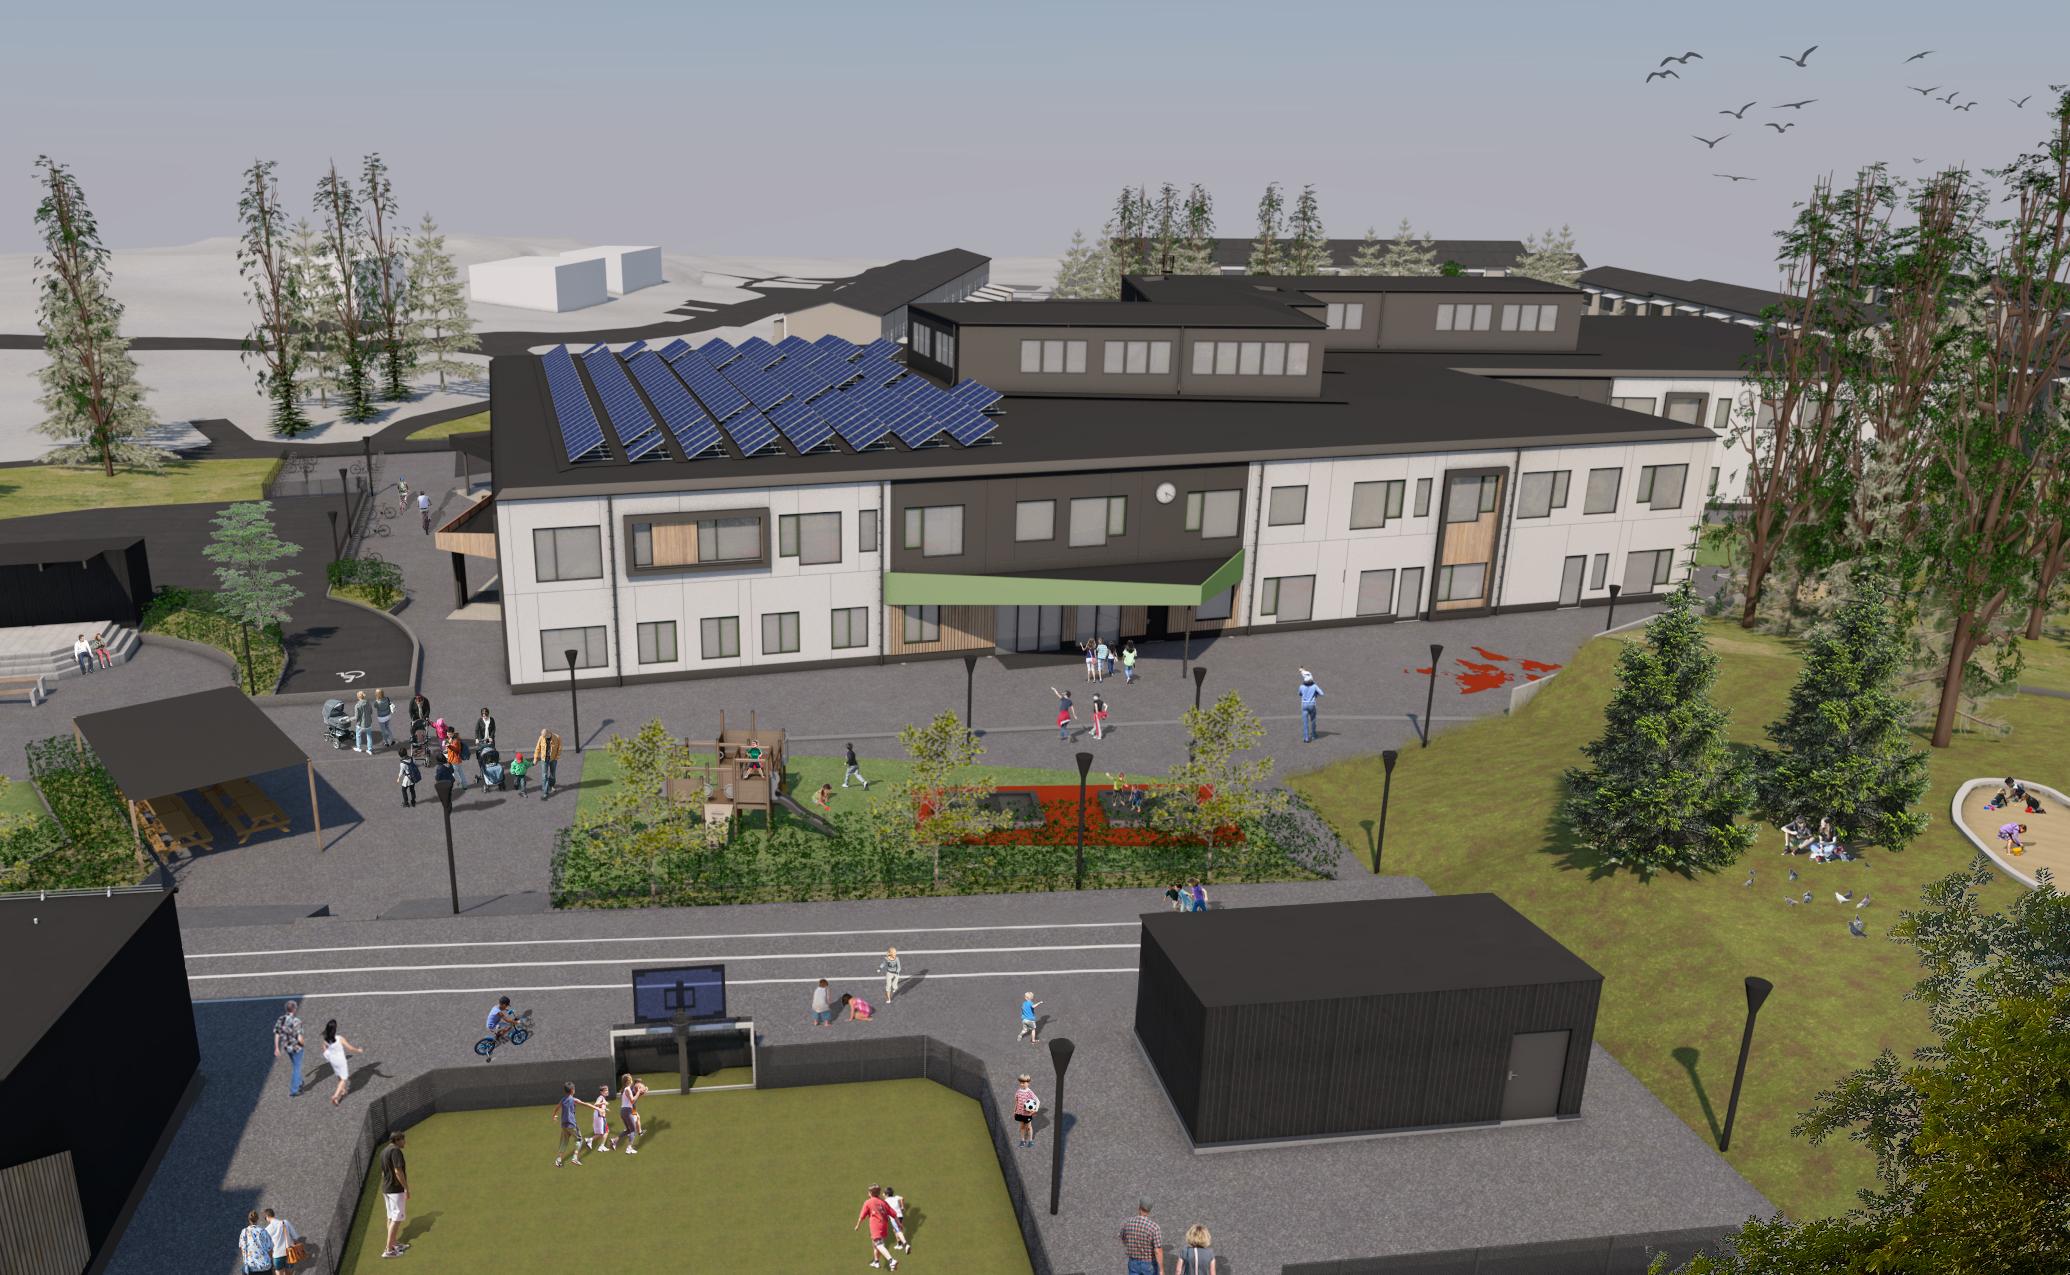 Samverkansprojekt för nybyggnation av skola i Älta för ca. 700 elever från F-6.